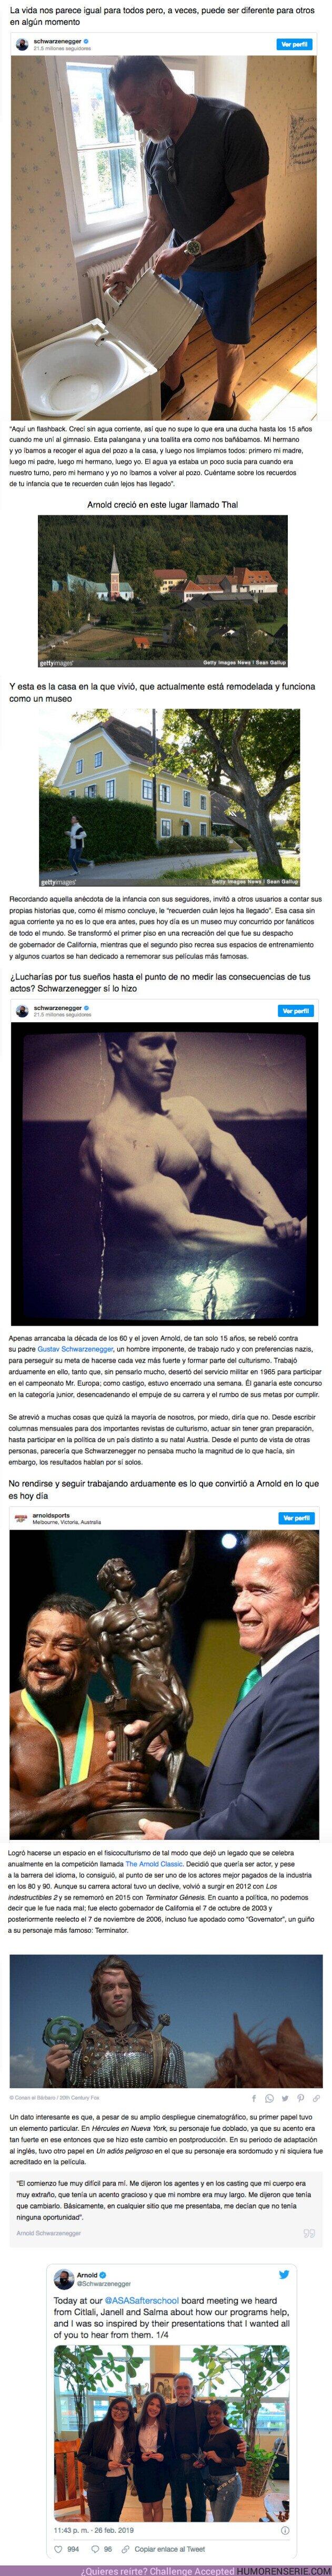 66034 - GALERÍA: Arnold Schwarzenegger contó una historia de su infancia en Instagram y quedamos boquiabiertos